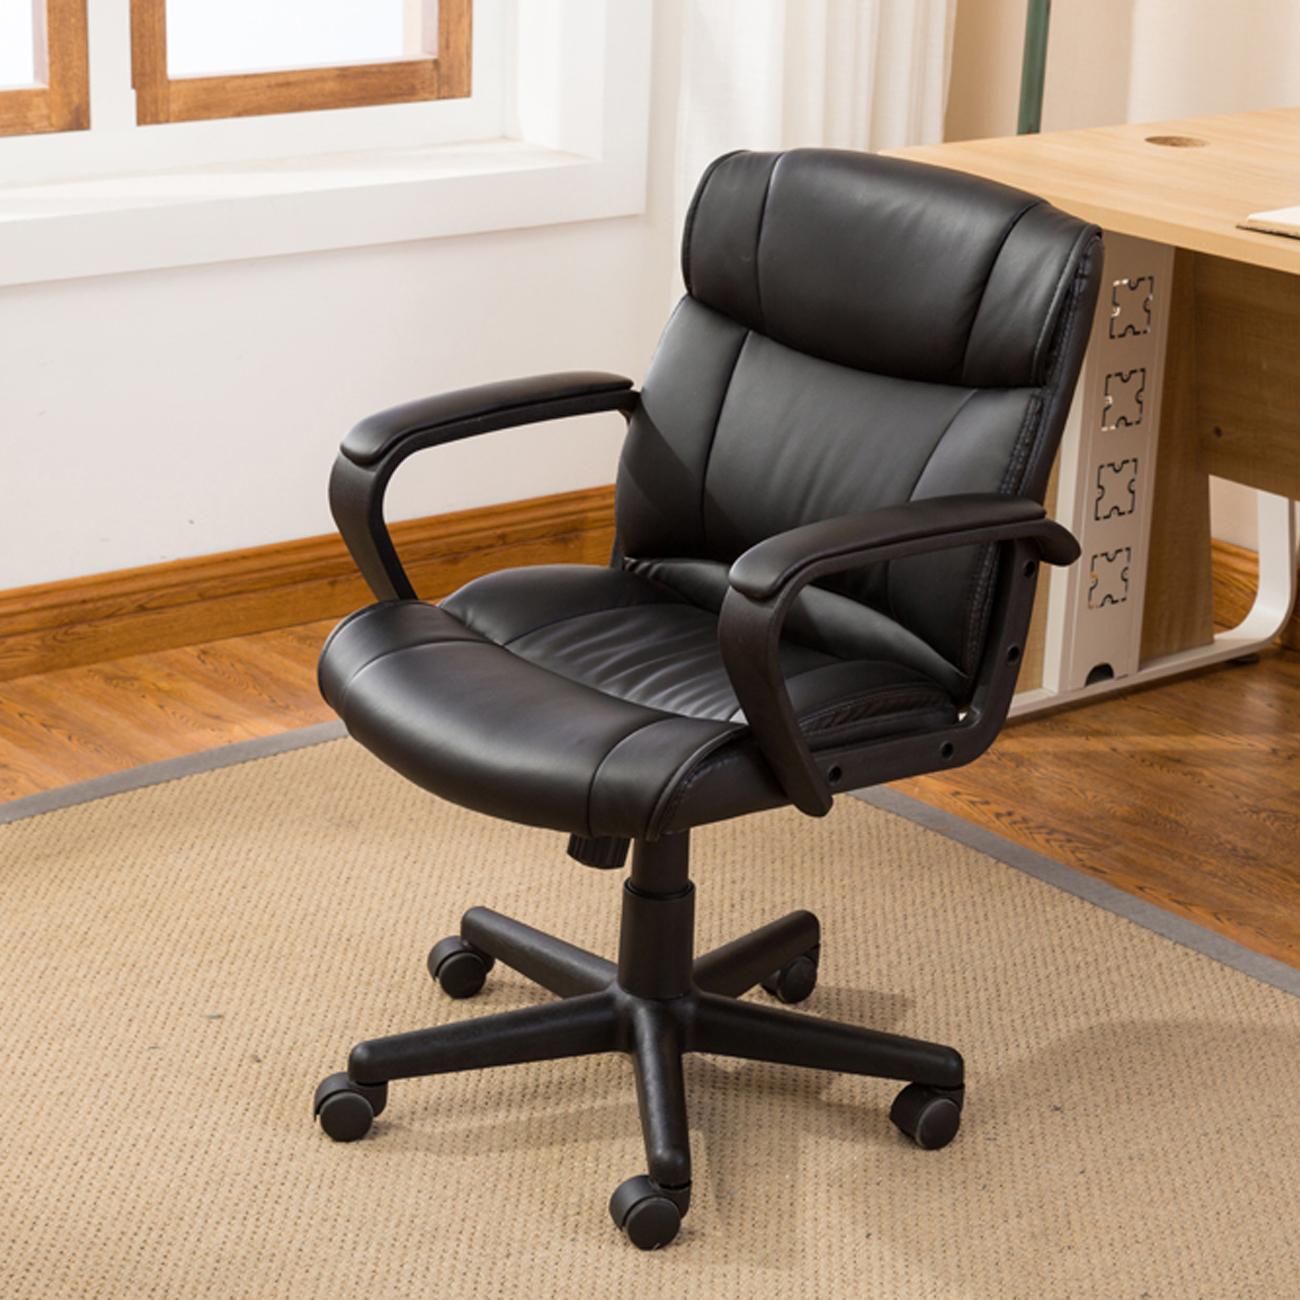 Pleasant Details About Ergonomic Pu Leather Mid Back Executive Computer Desk Task Office Chair Black Spiritservingveterans Wood Chair Design Ideas Spiritservingveteransorg